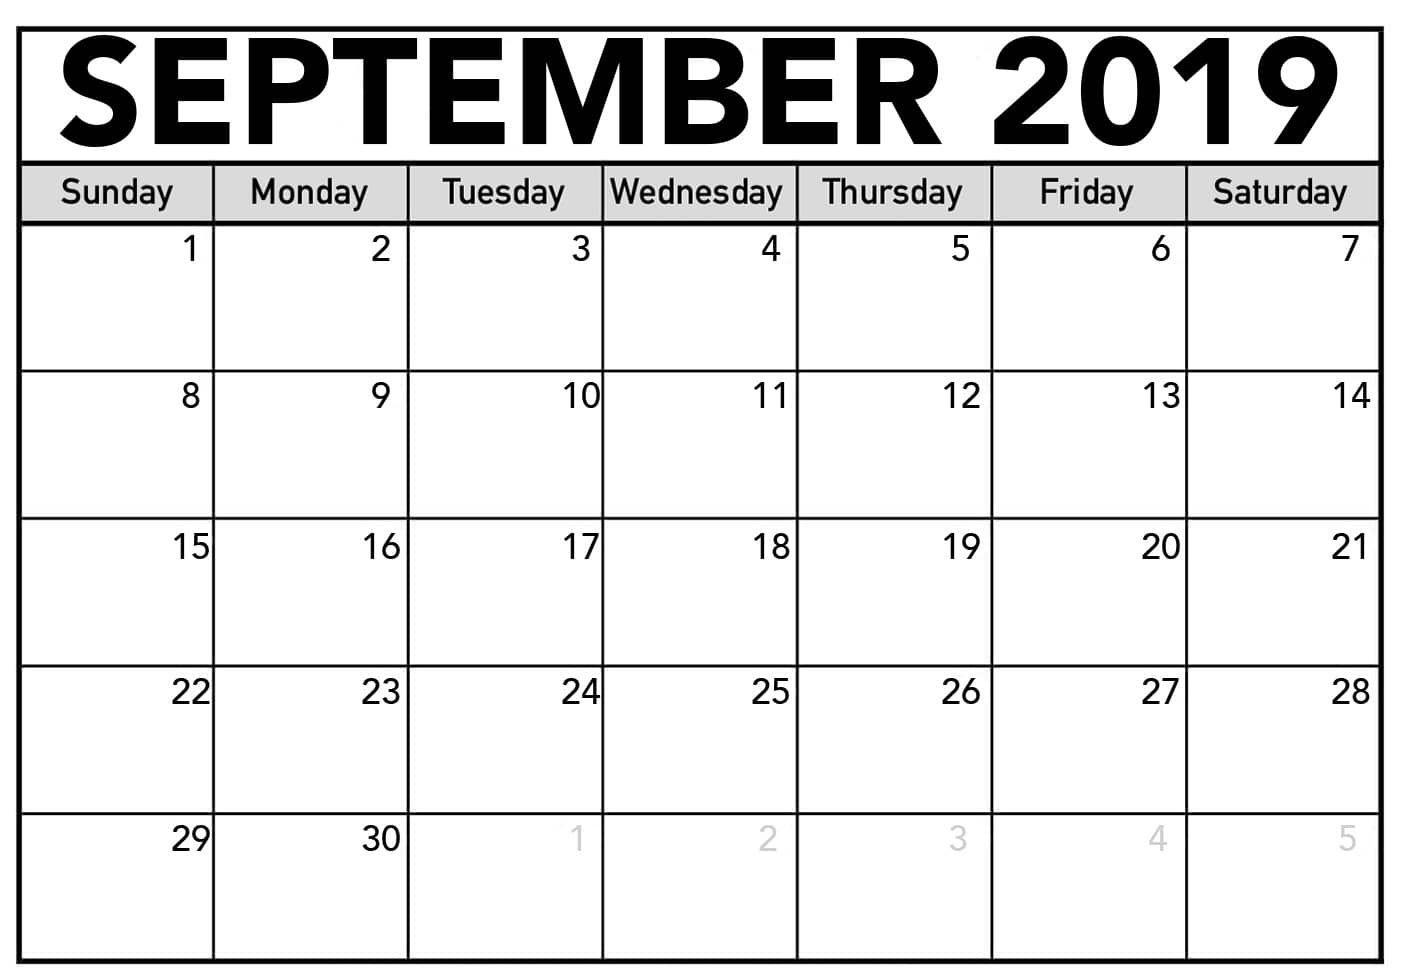 Free Printable September Blank Calendar 2019 | September